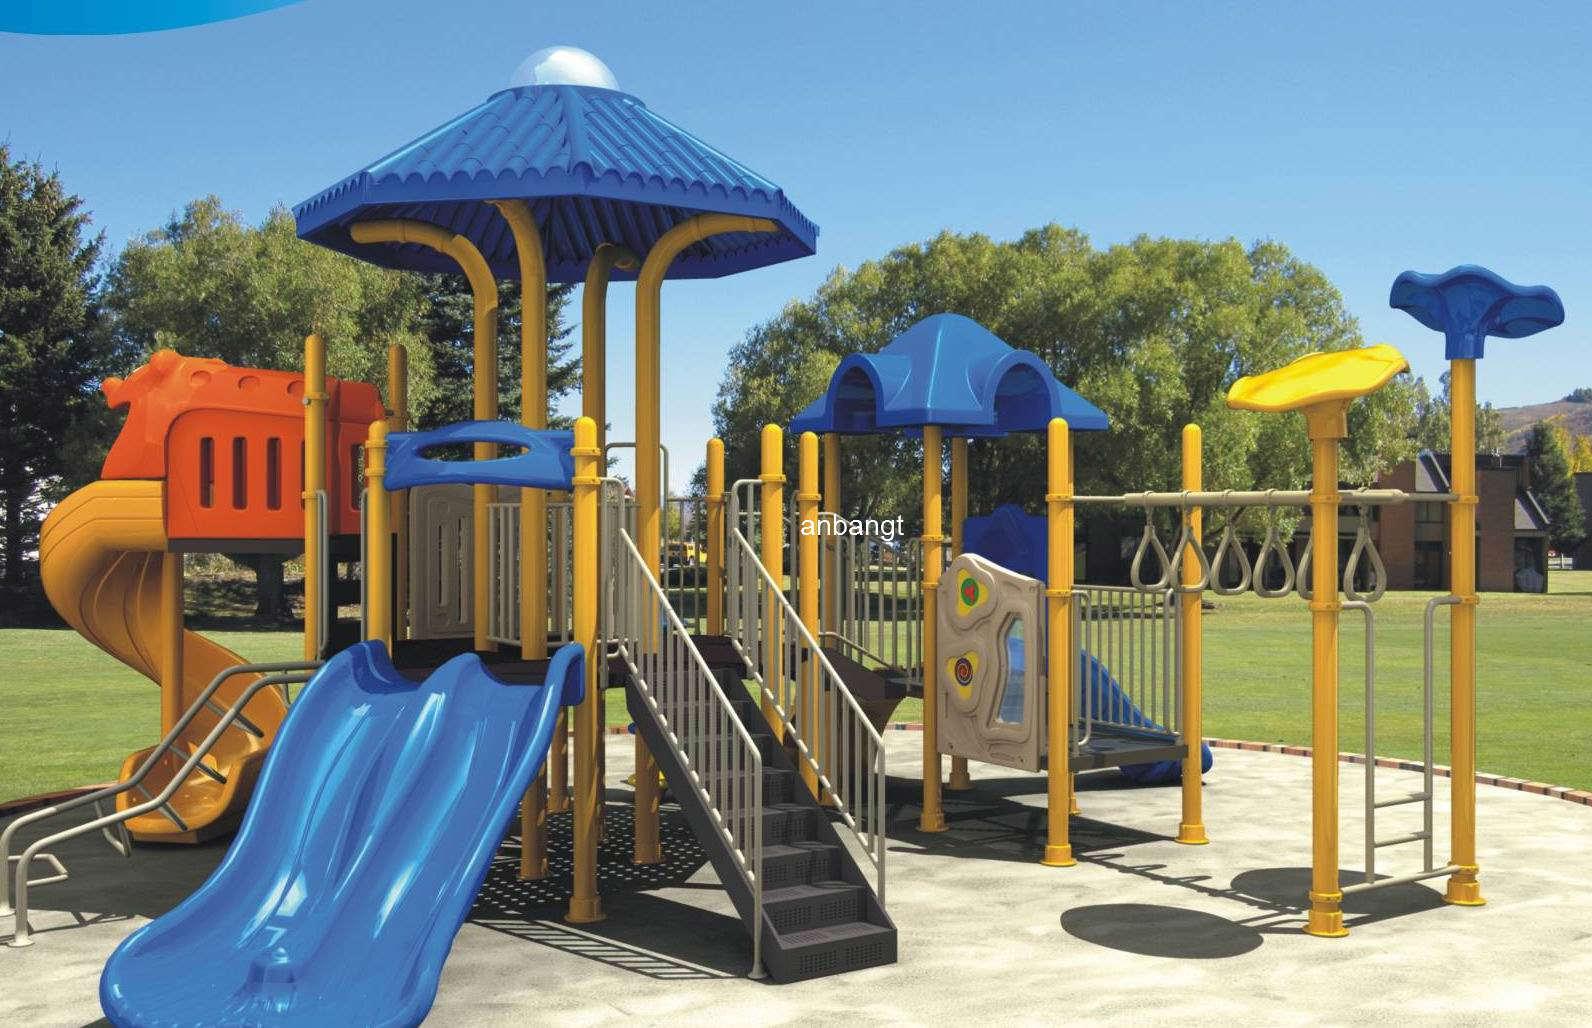 China Outdoor Playground Equipment Ab9145a China